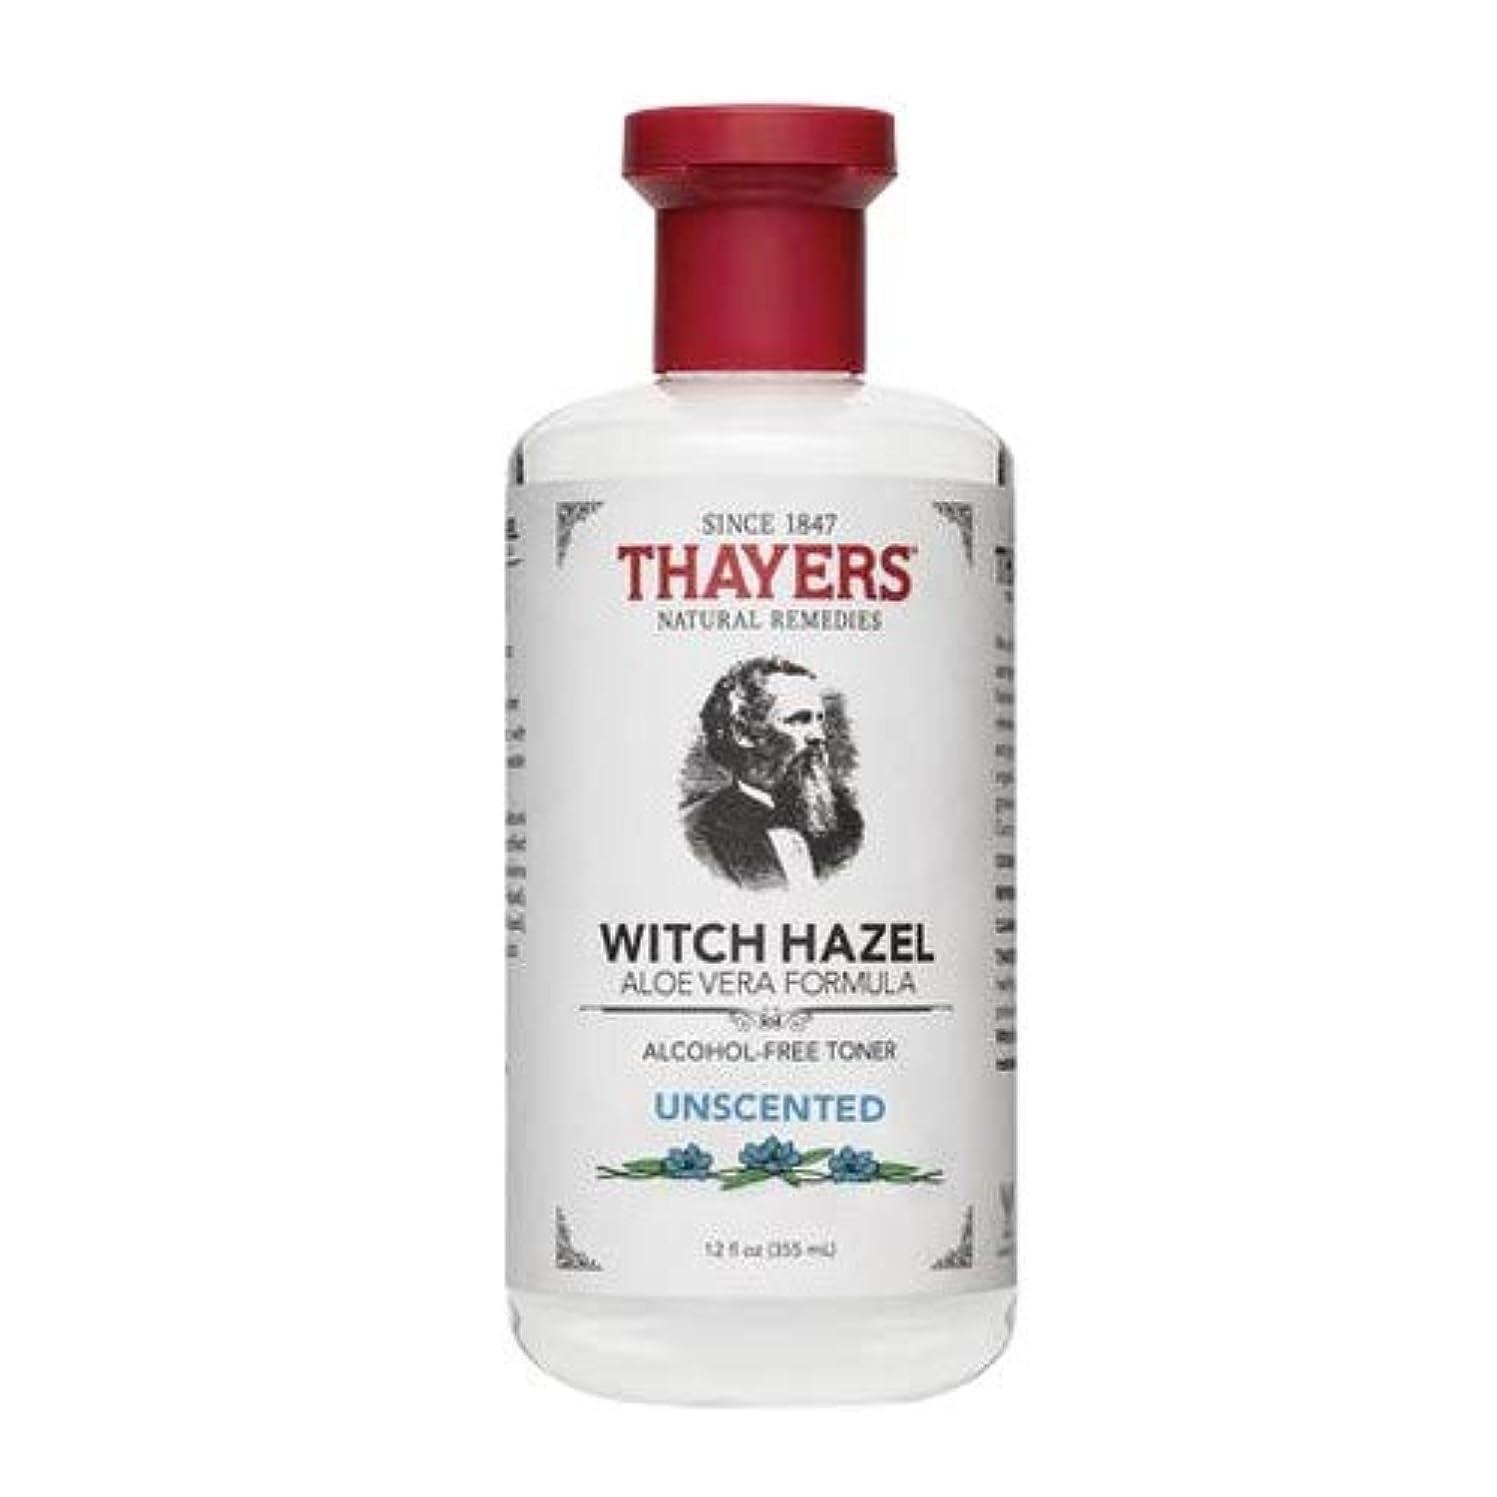 はしご化粧株式会社Thayersアルコールフリー無香料ウィッチヘーゼルトナー( 12oz。)